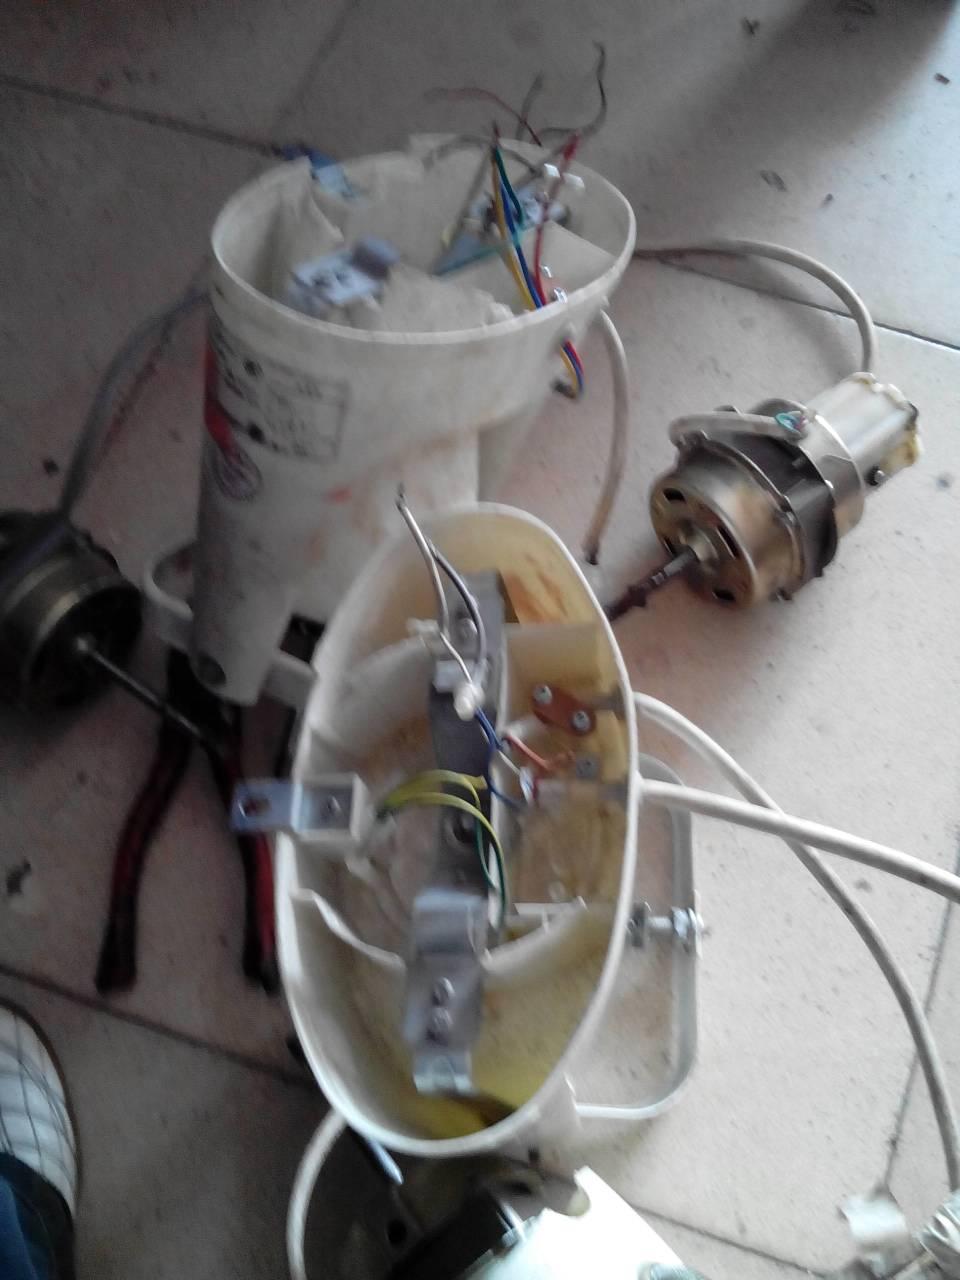 換了風扇電機,紅黃藍,還有電容,怎樣接